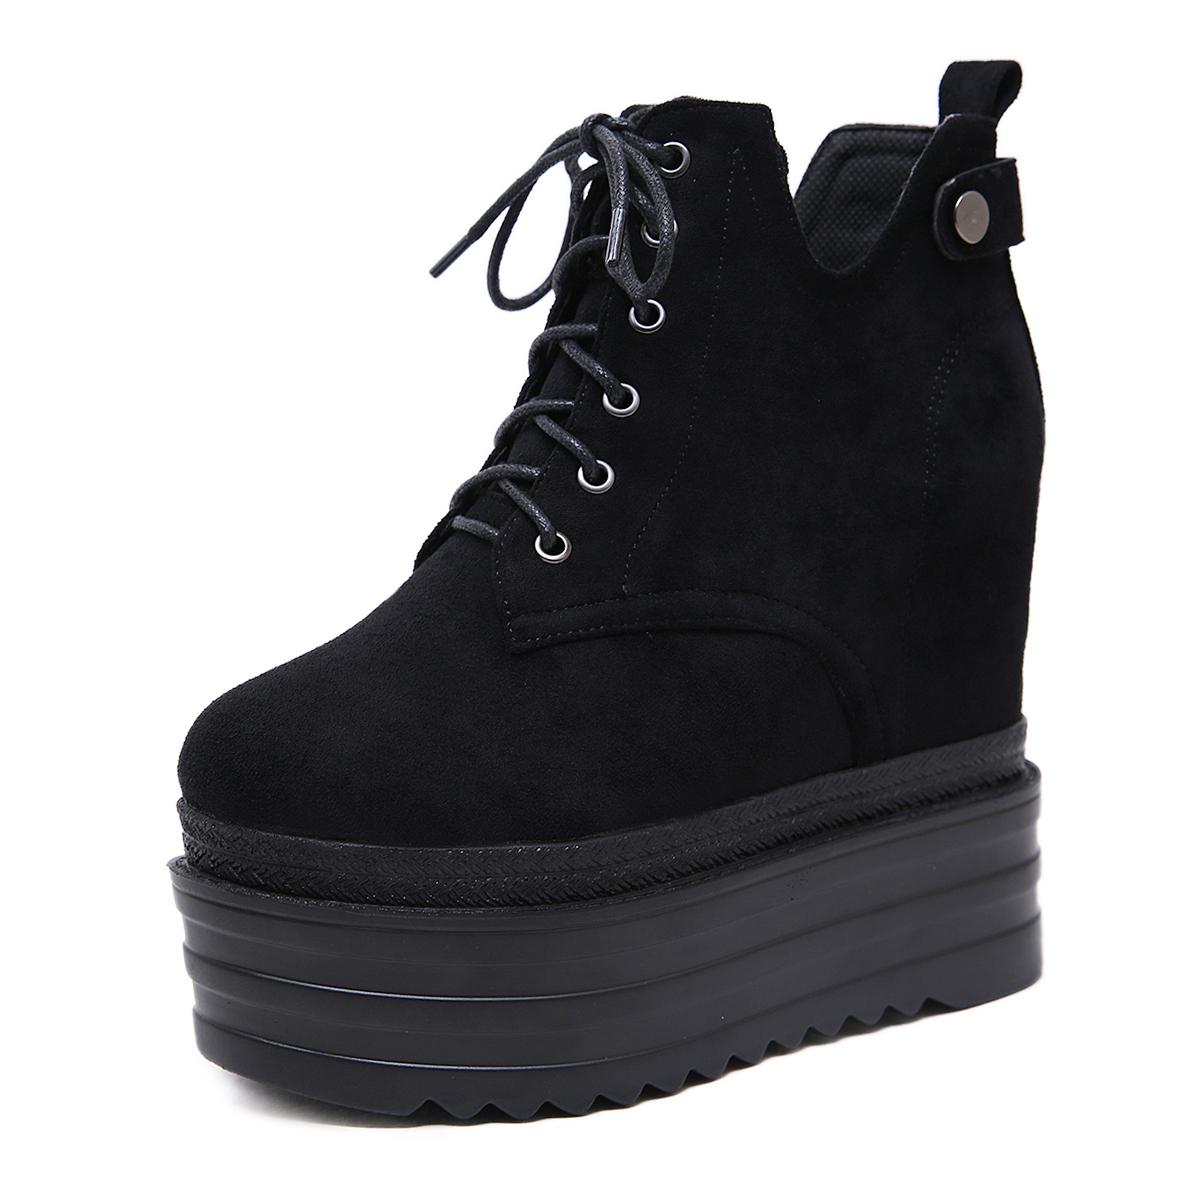 内增高12厘米超高跟鞋绒面百搭系带马丁靴坡跟短靴厚底松糕裸靴女